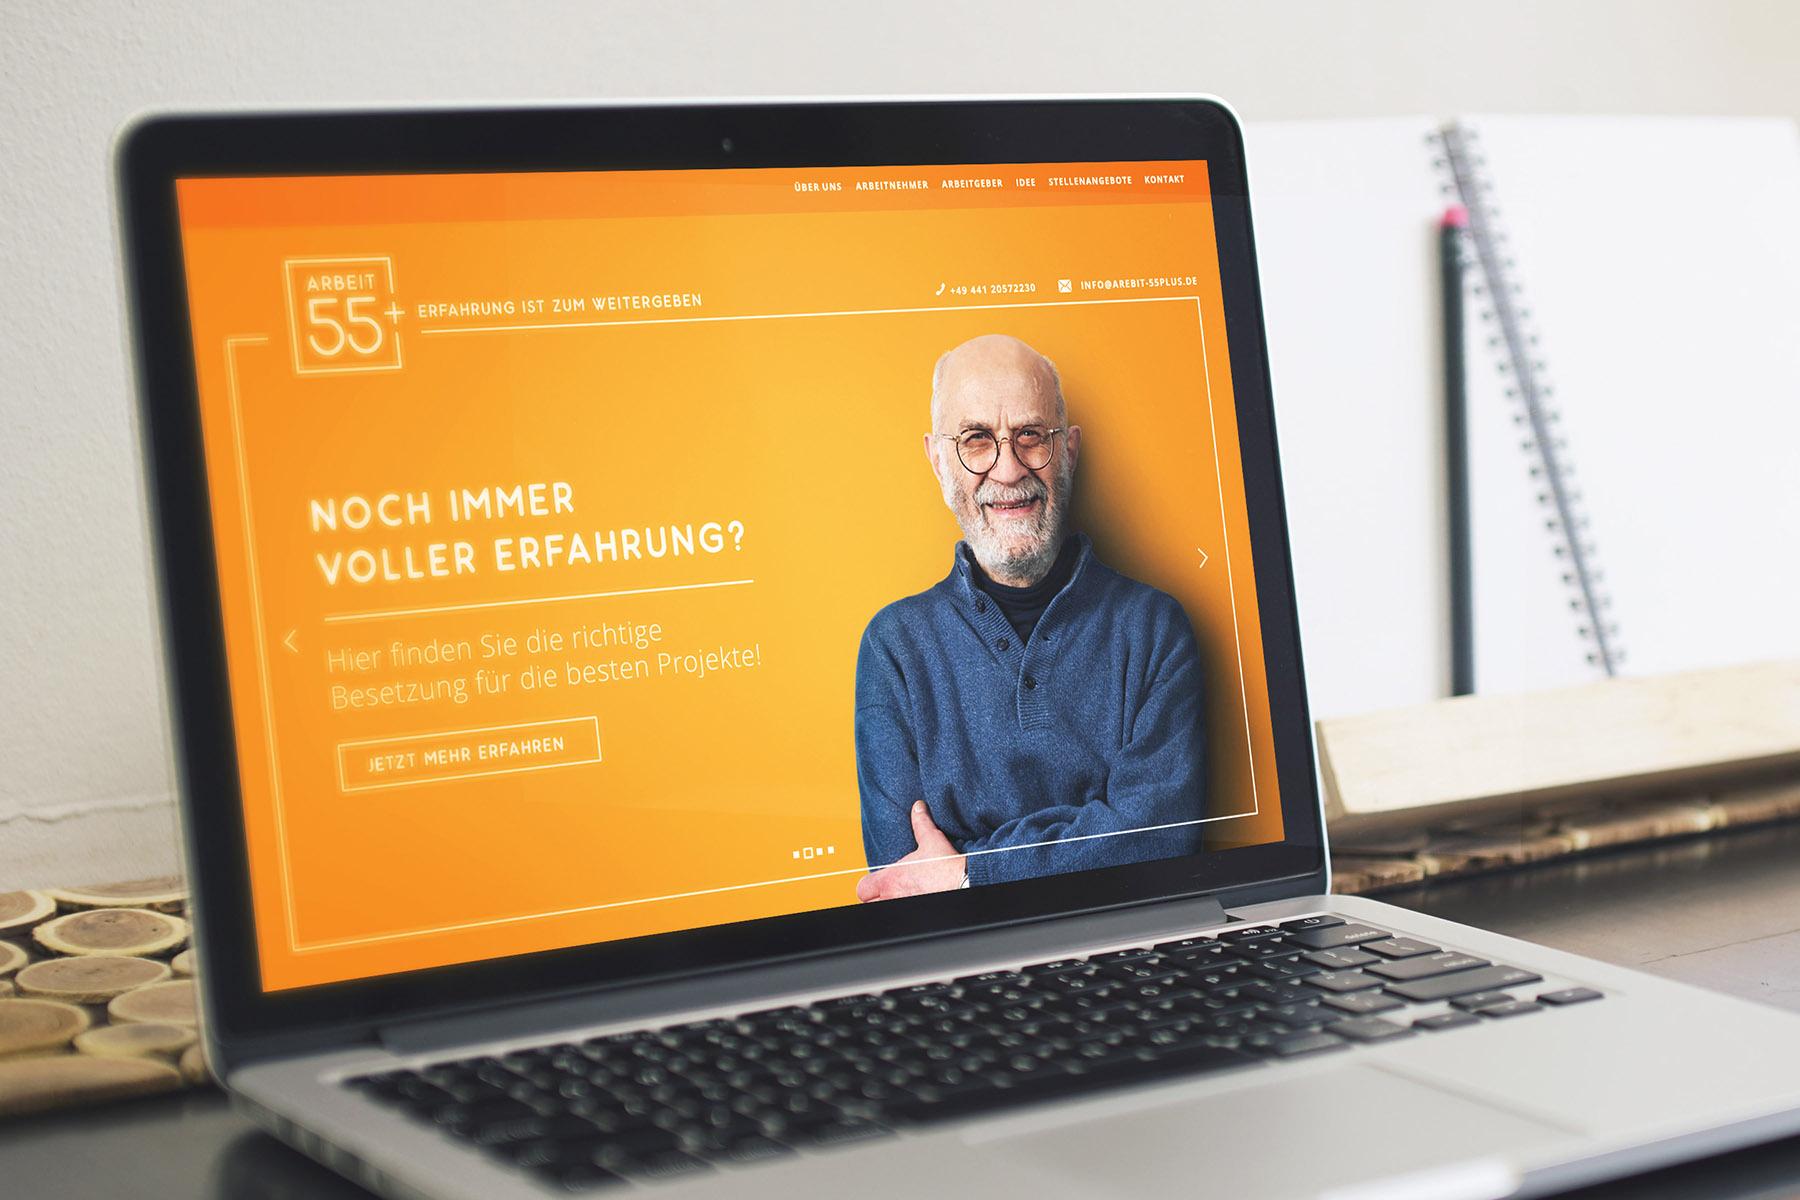 eh_referenzen_55_titel Projekt - Arbeit 55+